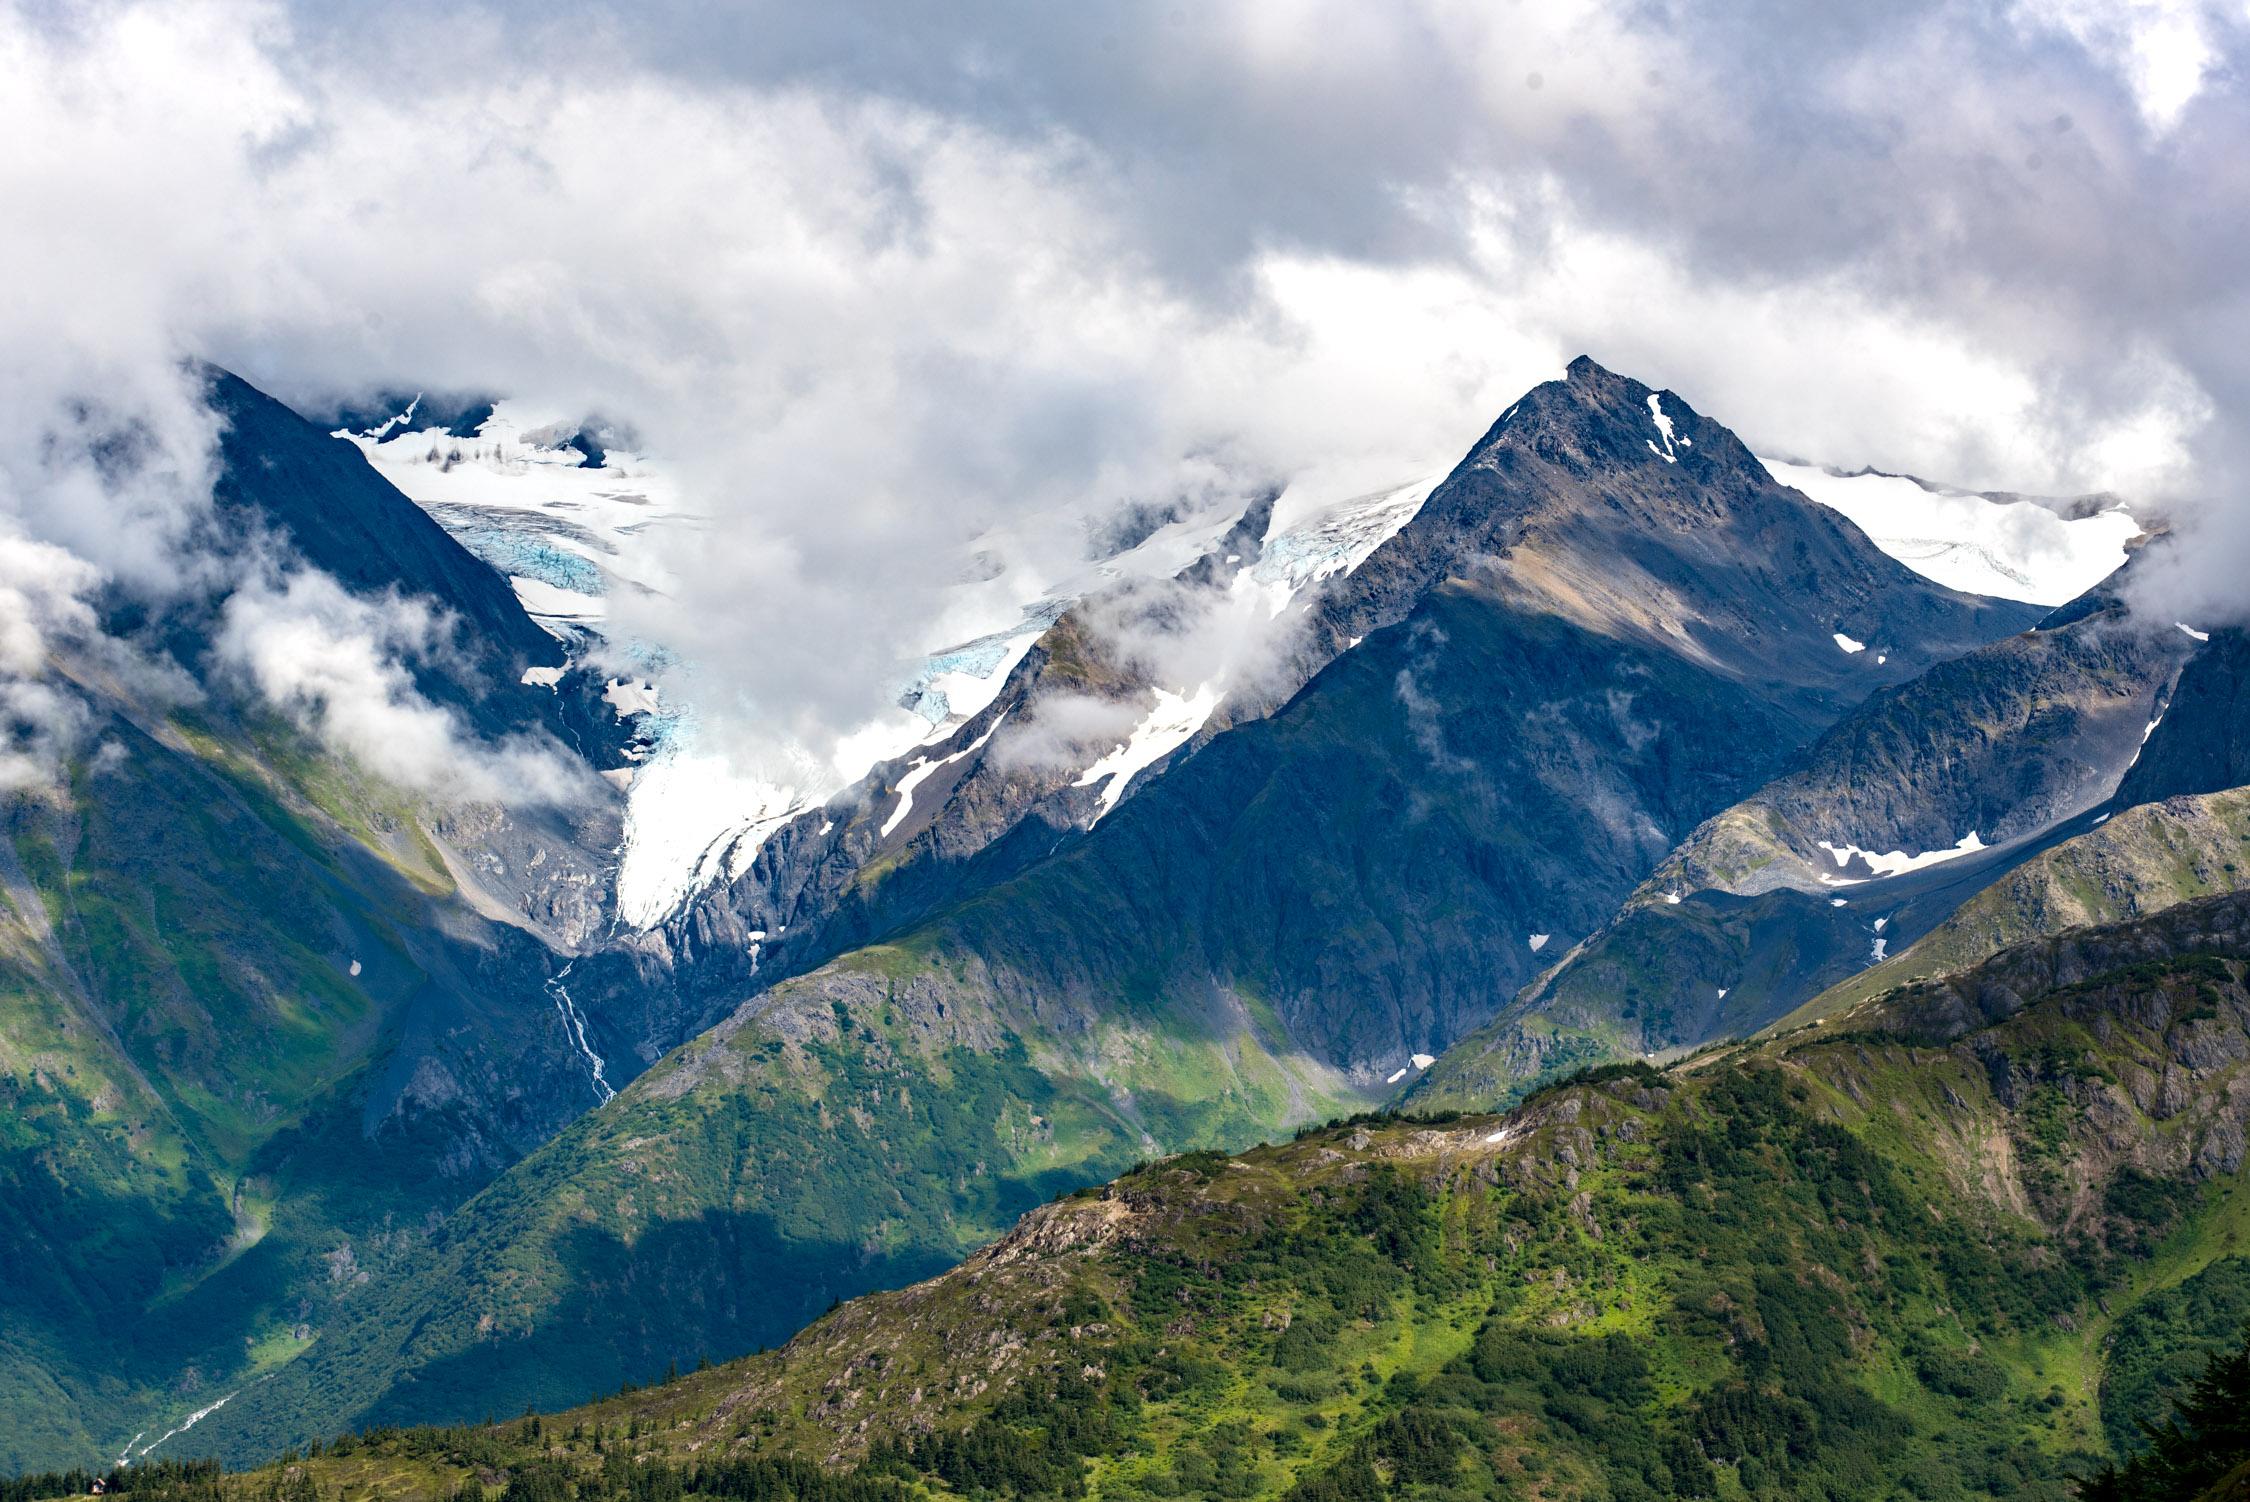 Views form the Aerial Tram at  Alyeska Resort in Alaska